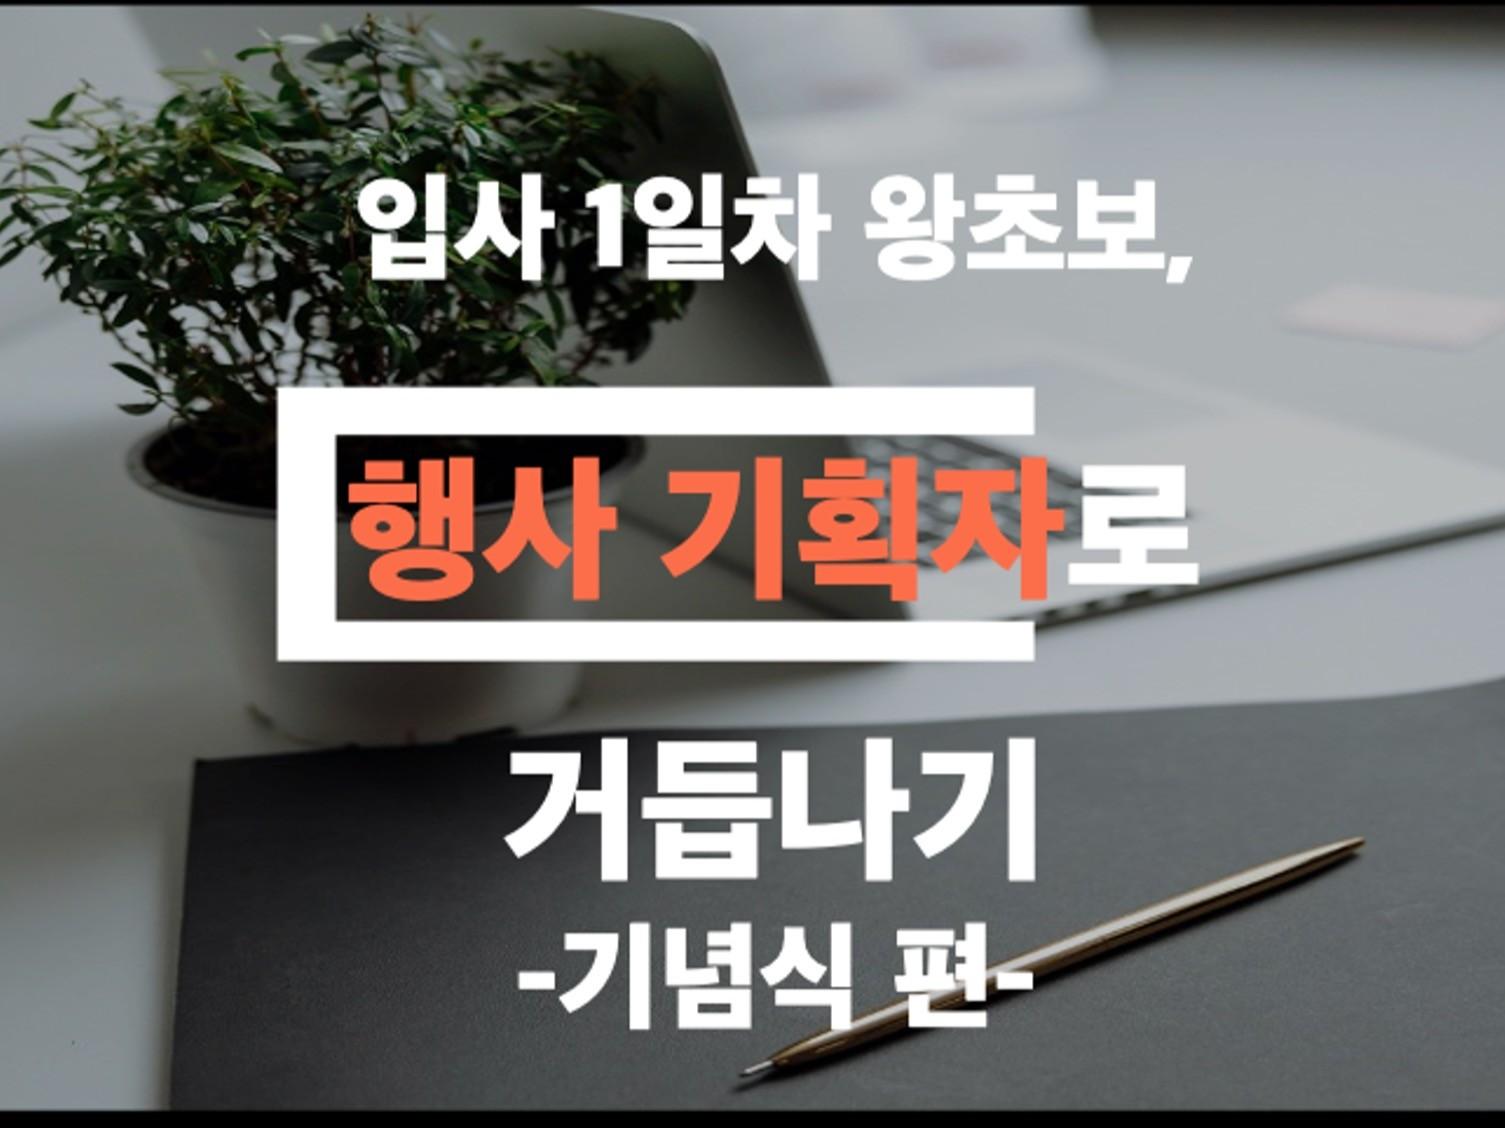 입사 1일차 왕초보가 행사 기획자로거듭나는노하우 드립니다.